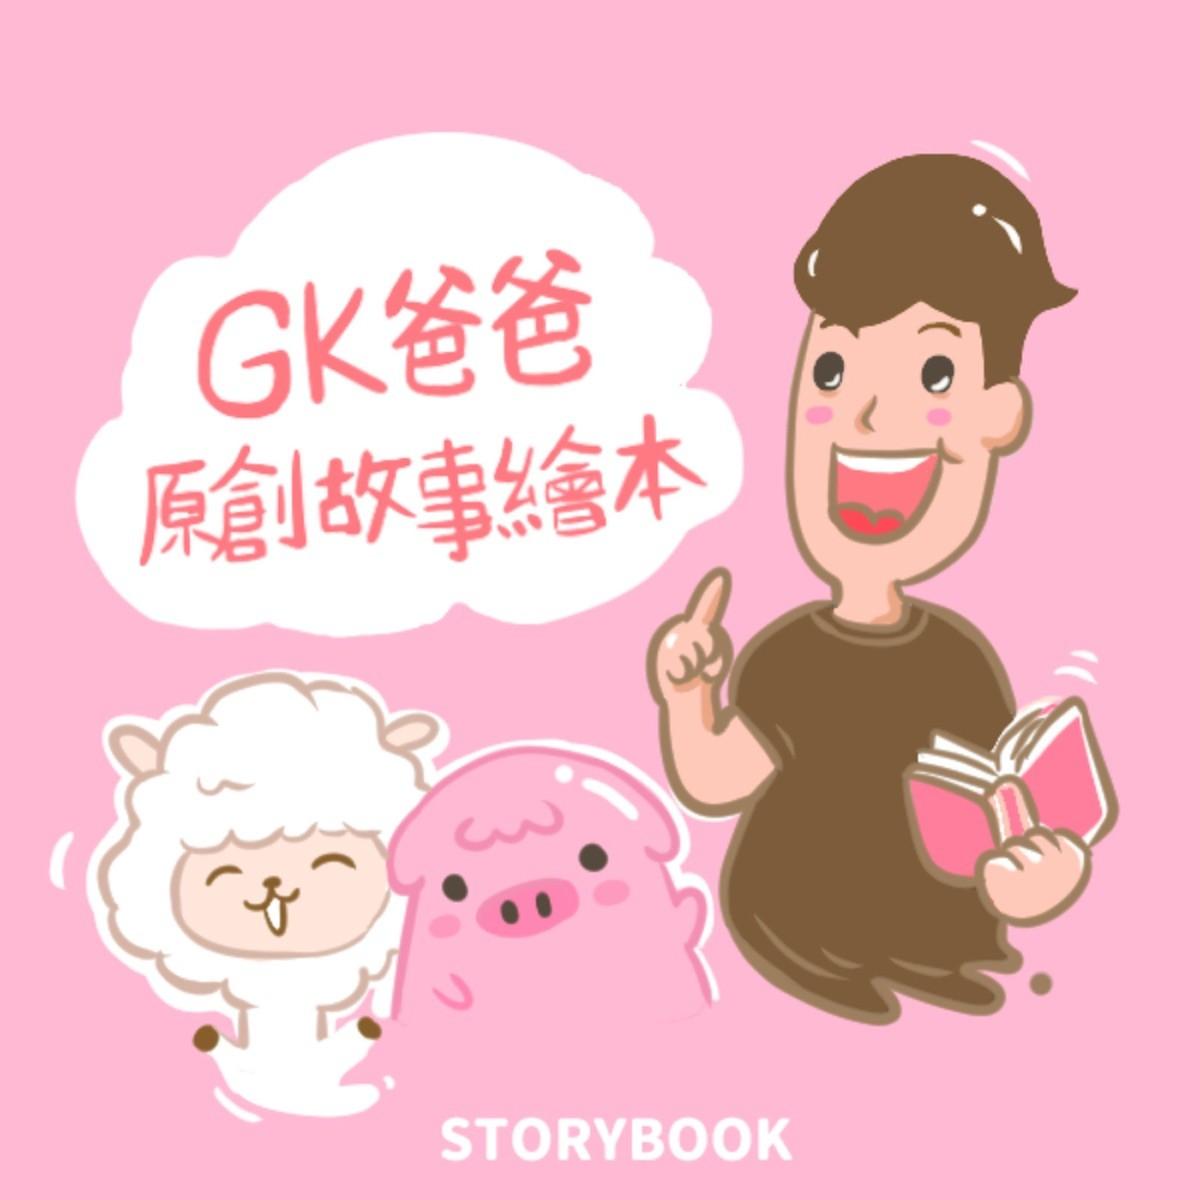 GK爸爸 mandarin stories podcast for kids